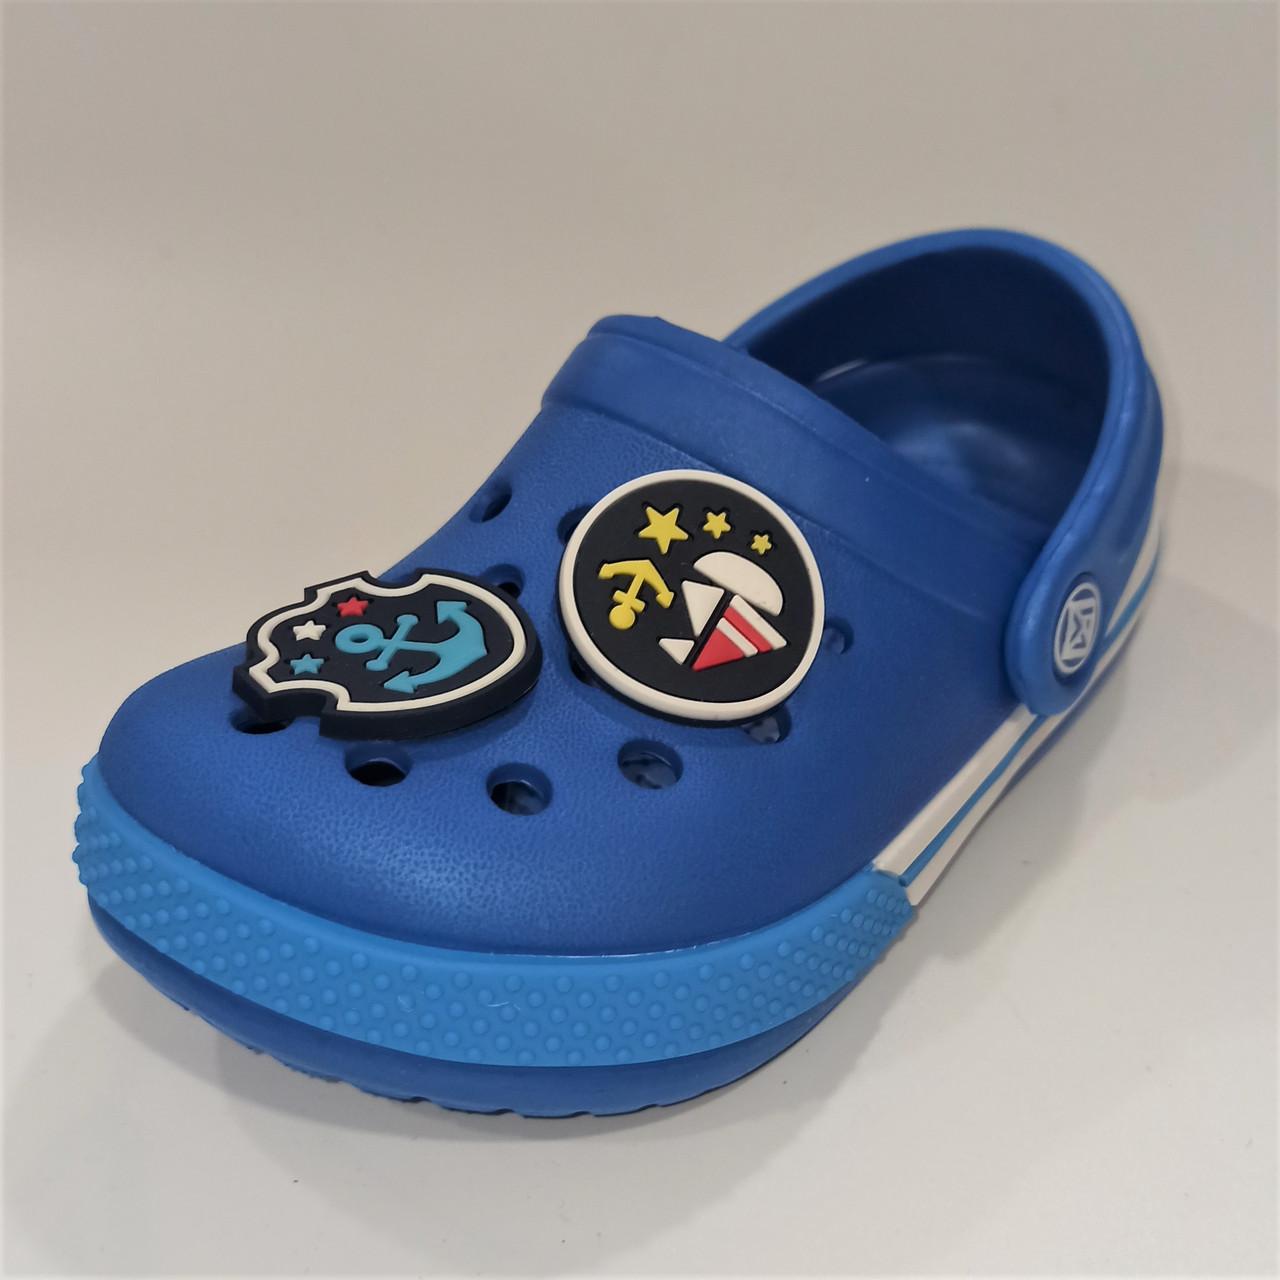 Детские сабо на мальчика, синие Calypso размер 22 23 24 26 28